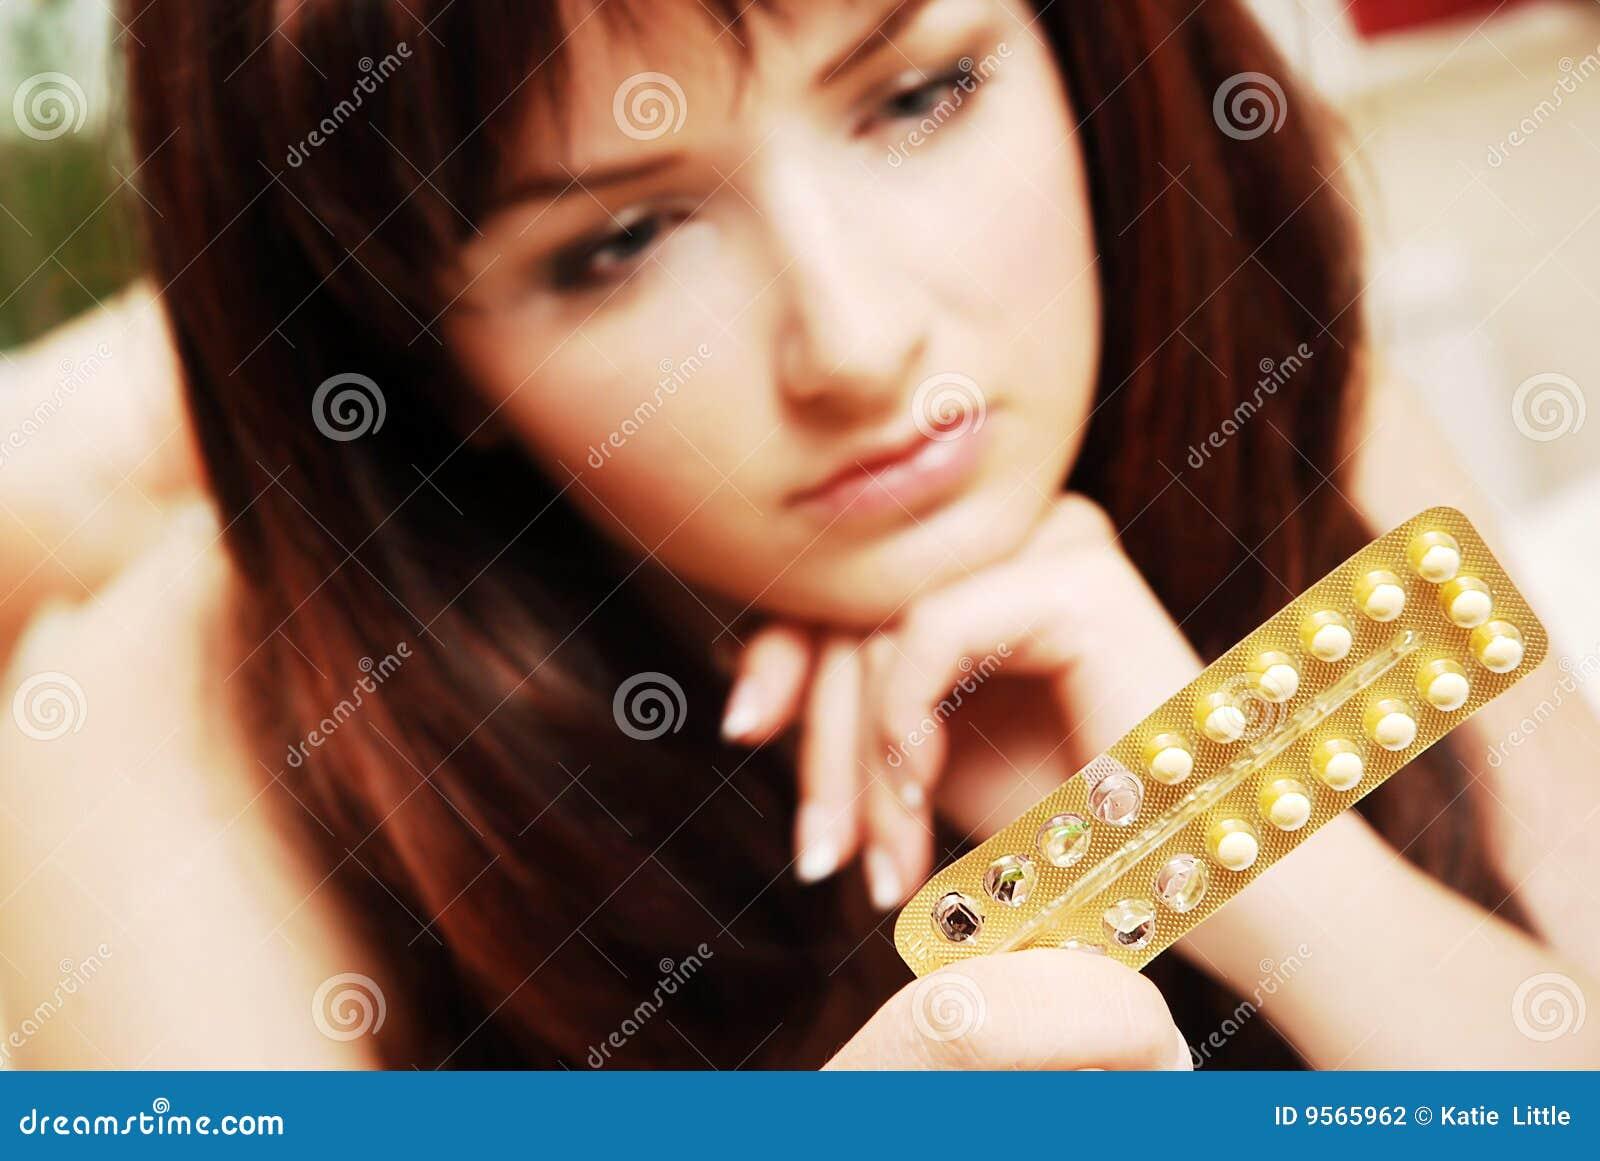 Jonge vrouw die haar contraceptieve pillen bekijkt